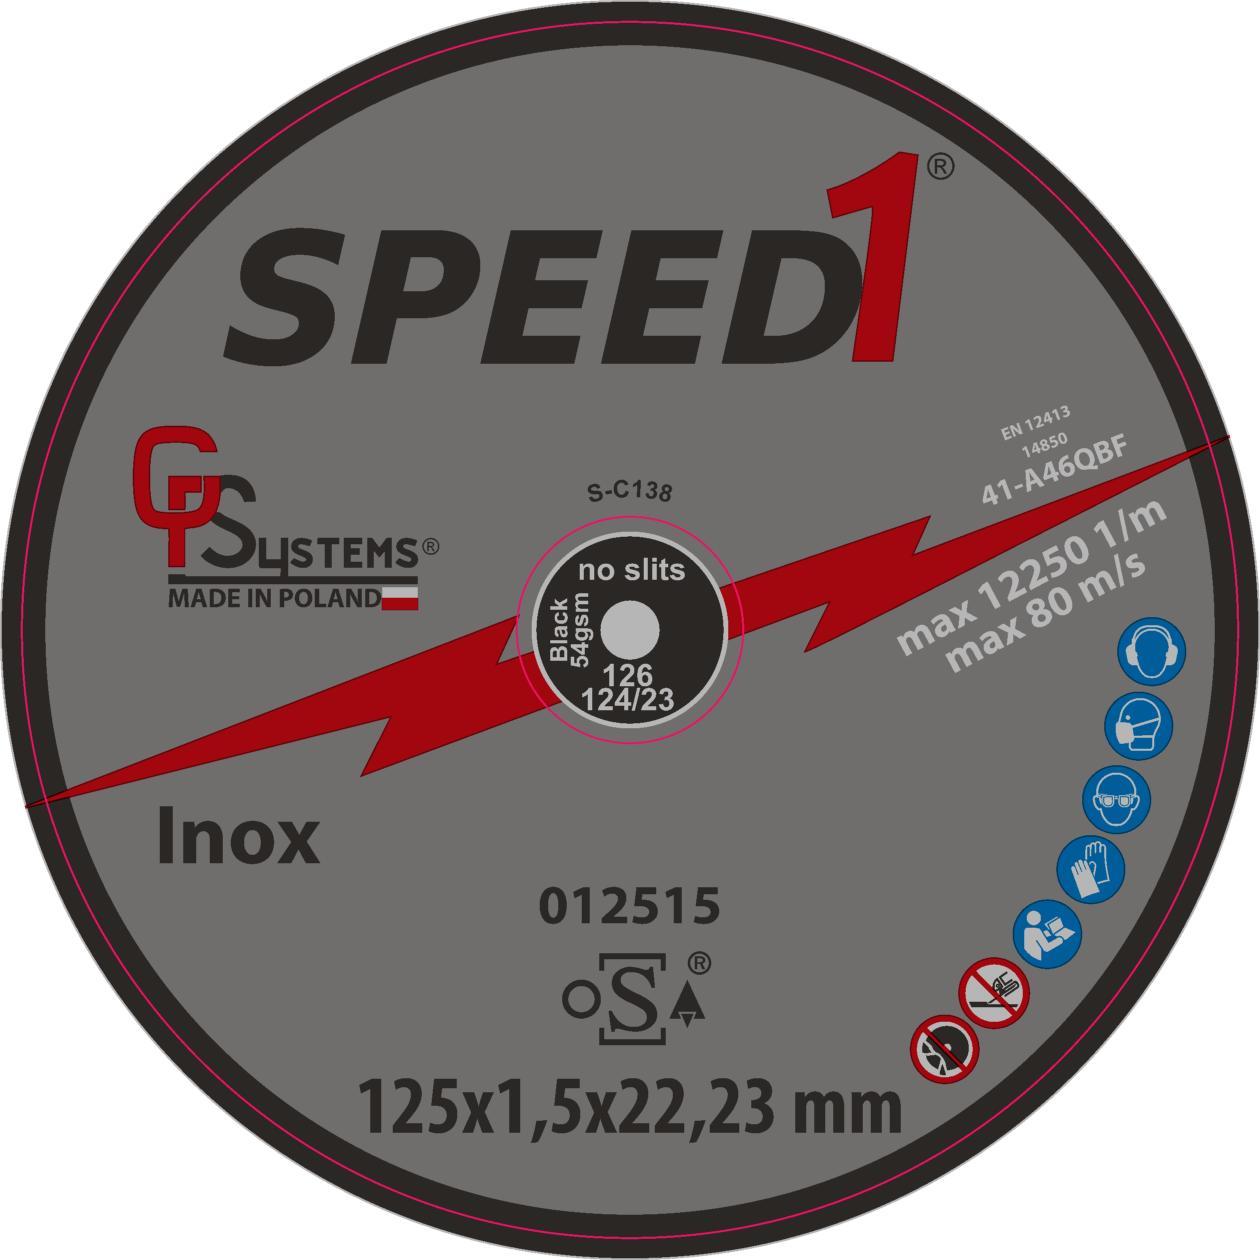 DachHolding gpsystems Speed1 - Tarcza do cięcia metal/inox 125x1,5x22,23mm